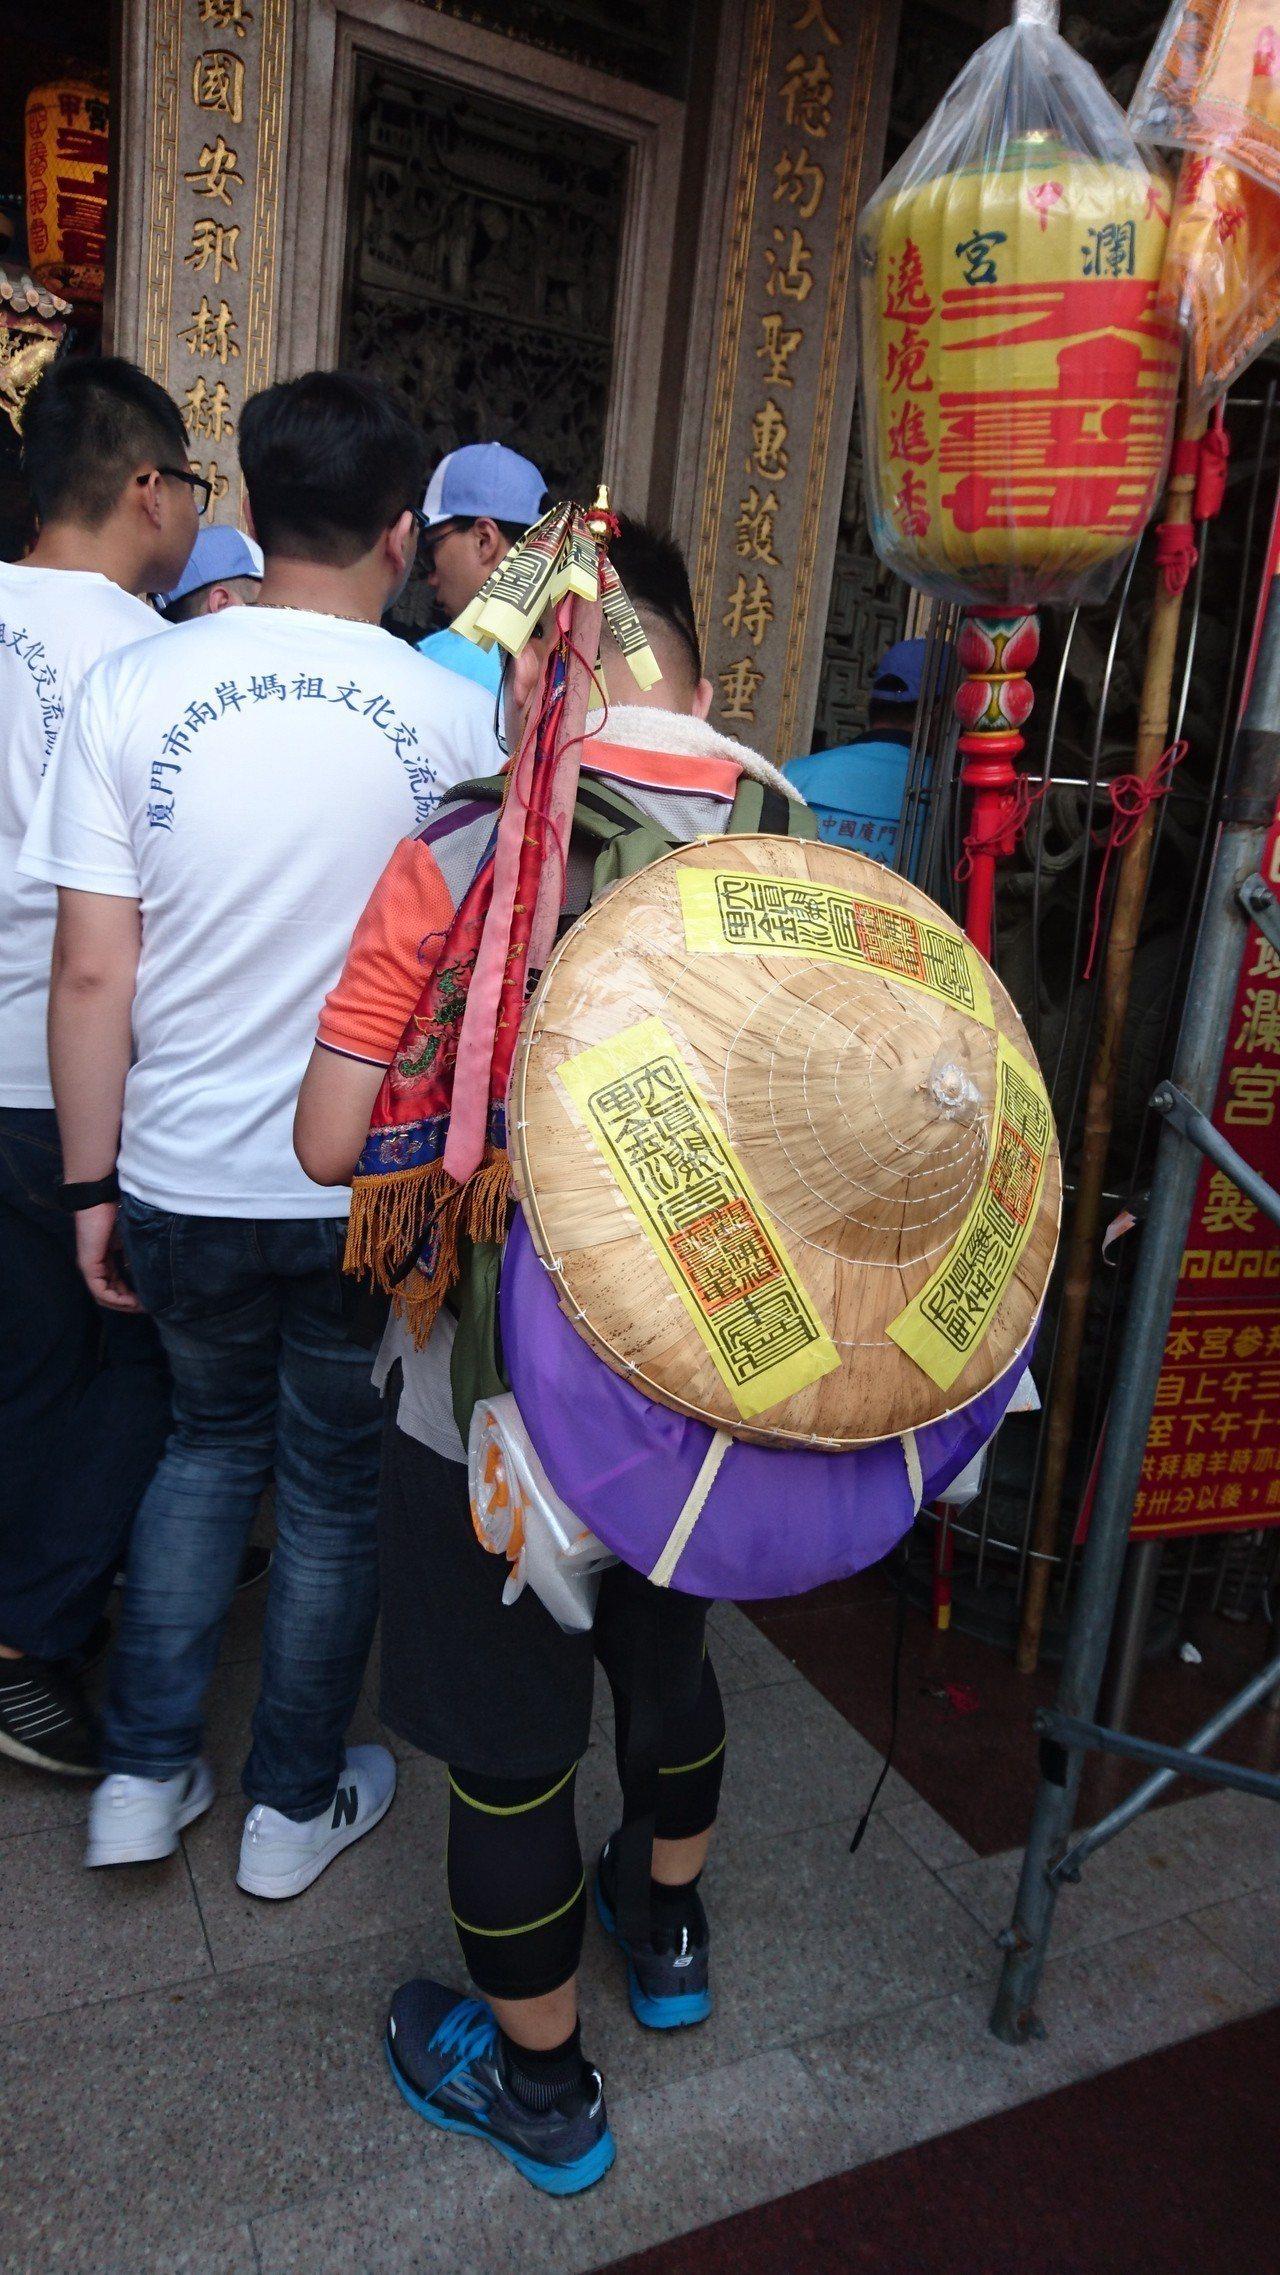 媽祖遶境進香是兩岸的重要文化活動,連廈門都派人前來參加全程遶境,同時感受台灣地方...